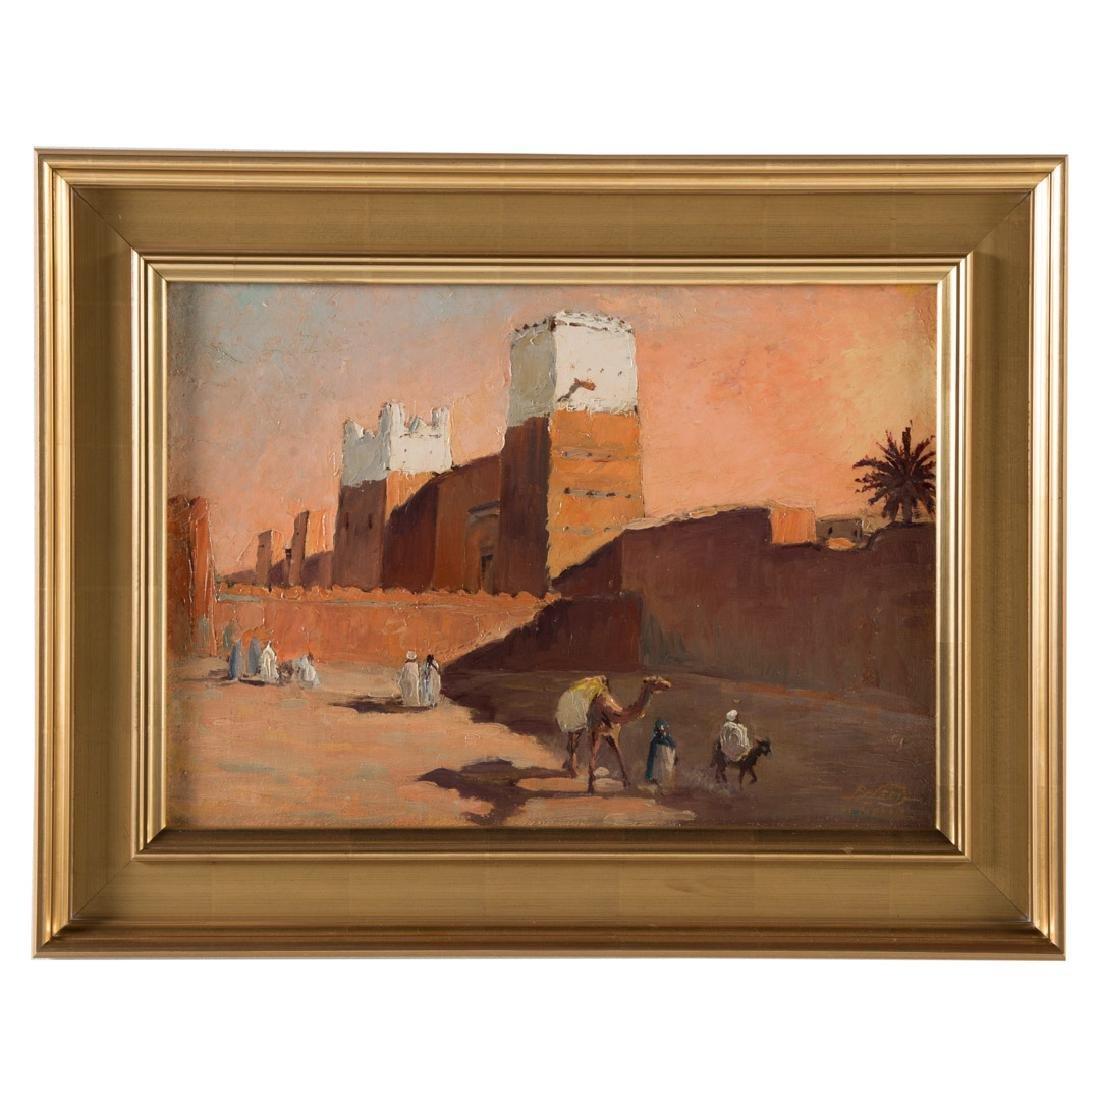 Paul Neri. Orientalist Scene, oil on board